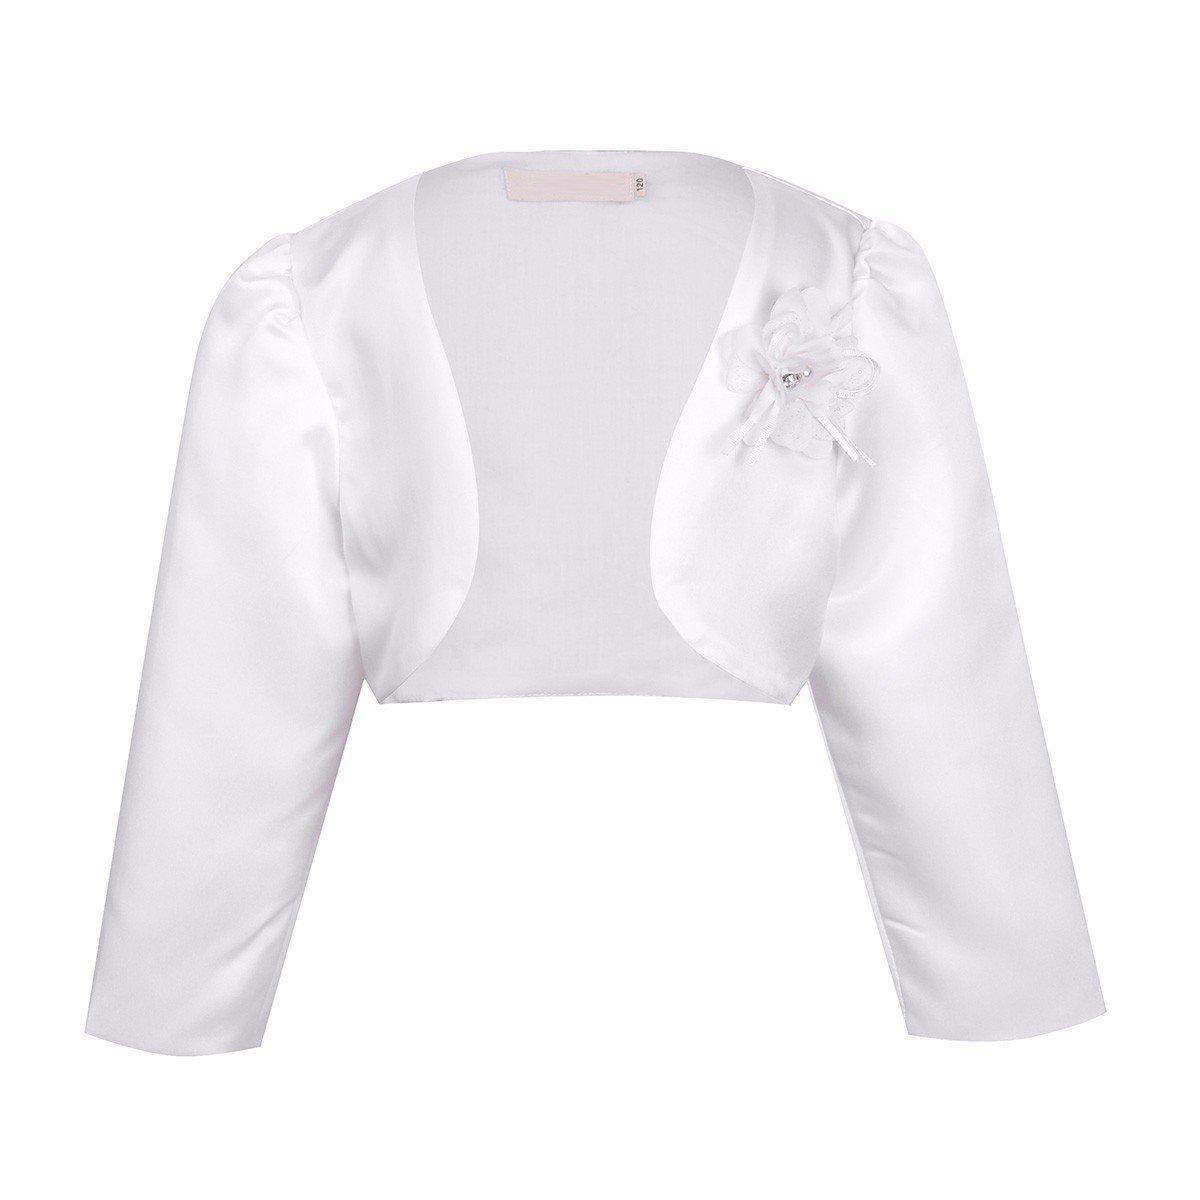 Freebily Kids Girls Long Sleeves Bolero Jacket Shrug Short Cardigan Sweater Dress Cover up Ivory 3-4